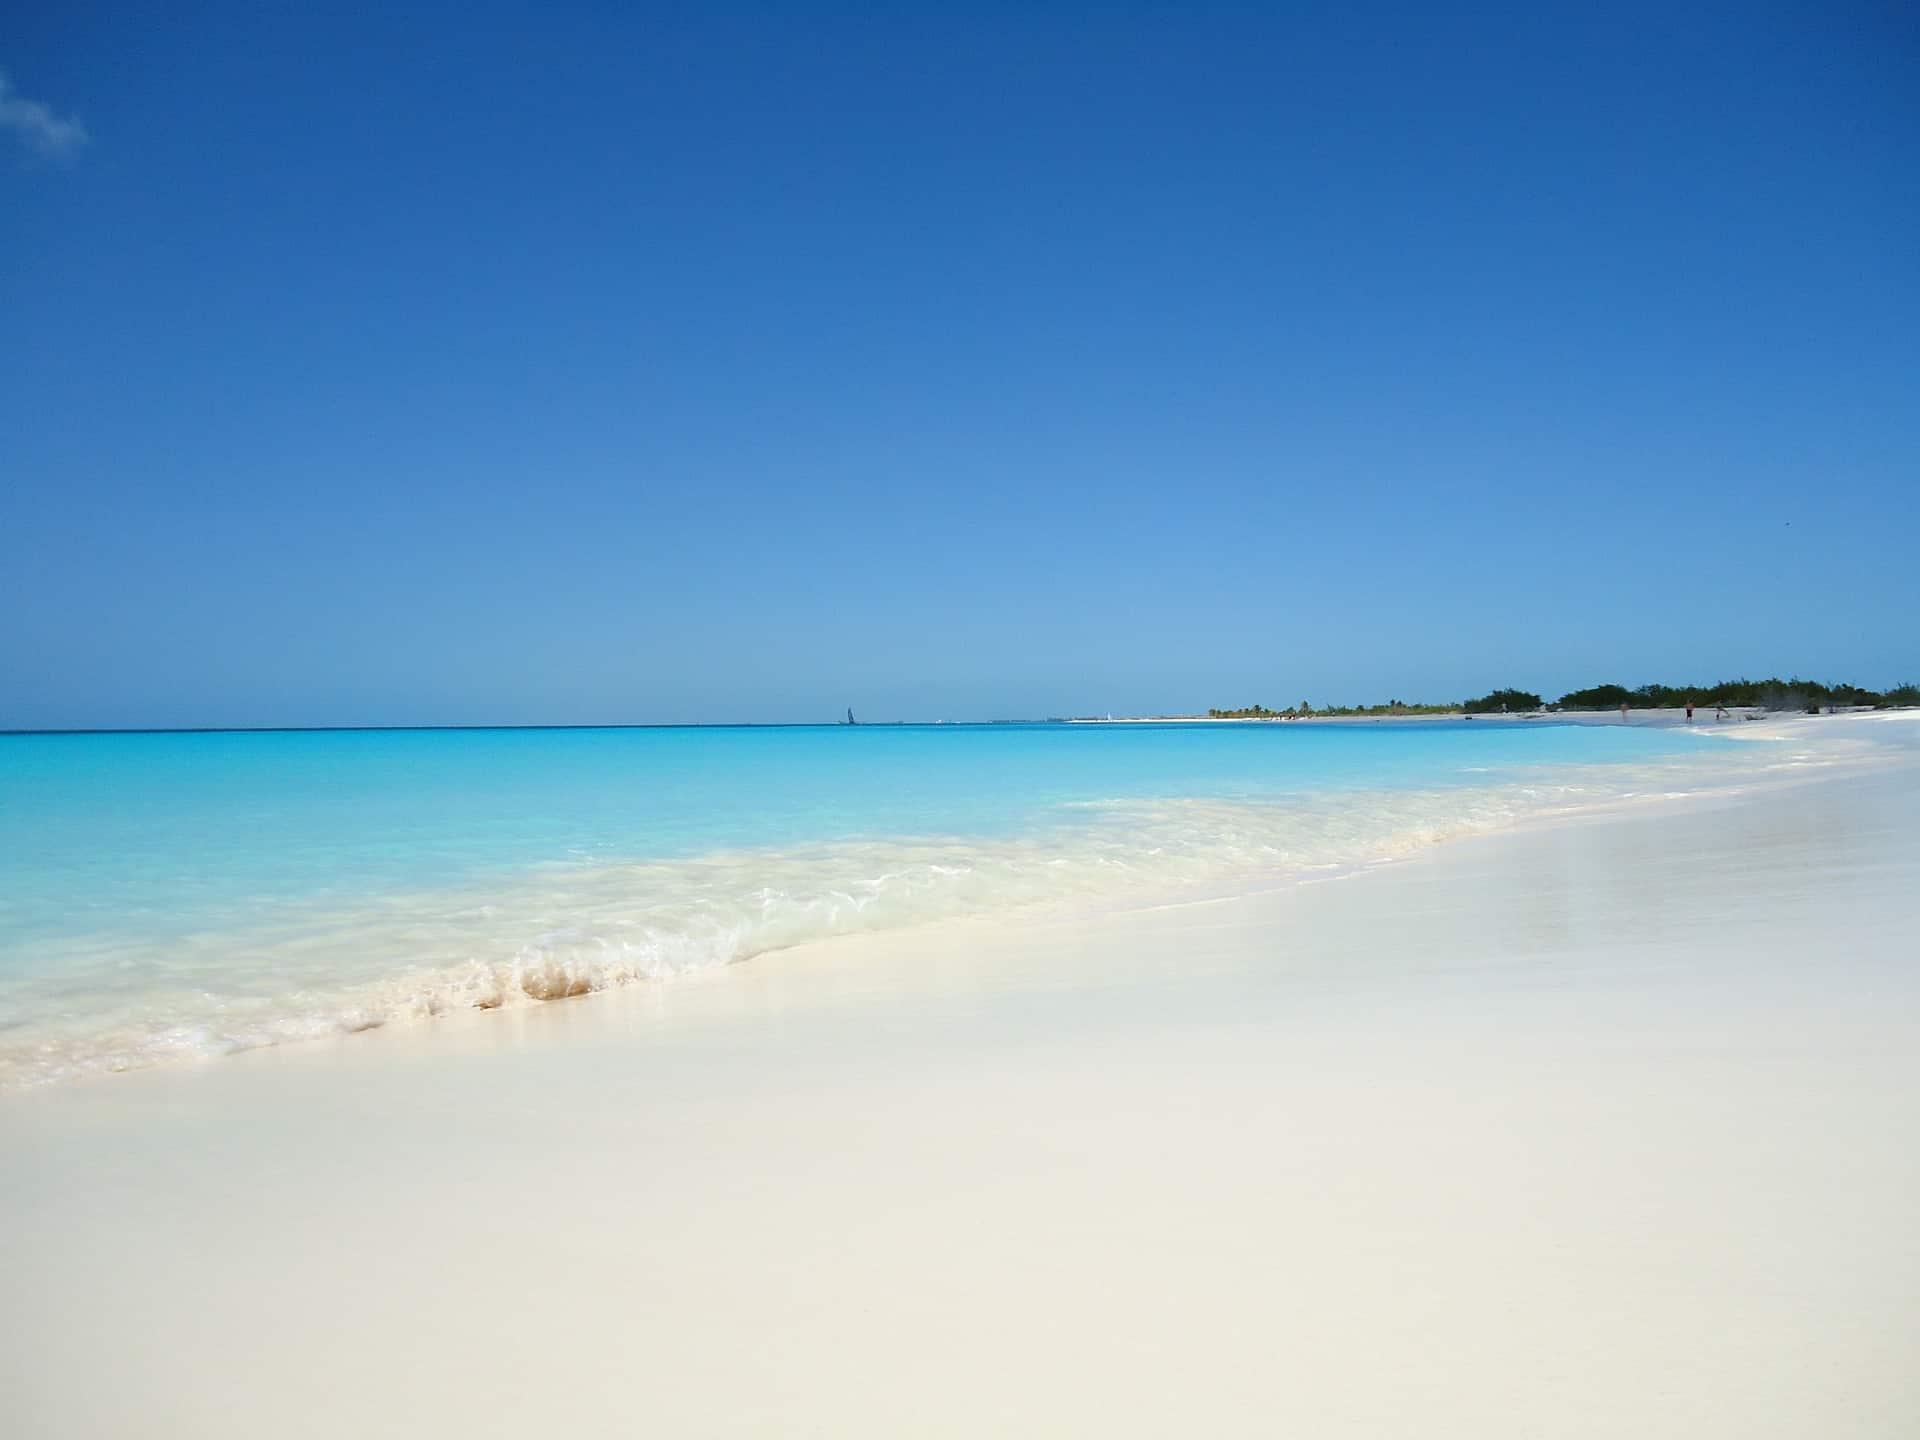 Cayo Santa Maria die vorgelagerte Insel ist das neue Honeymoon Ziel auf Cuba